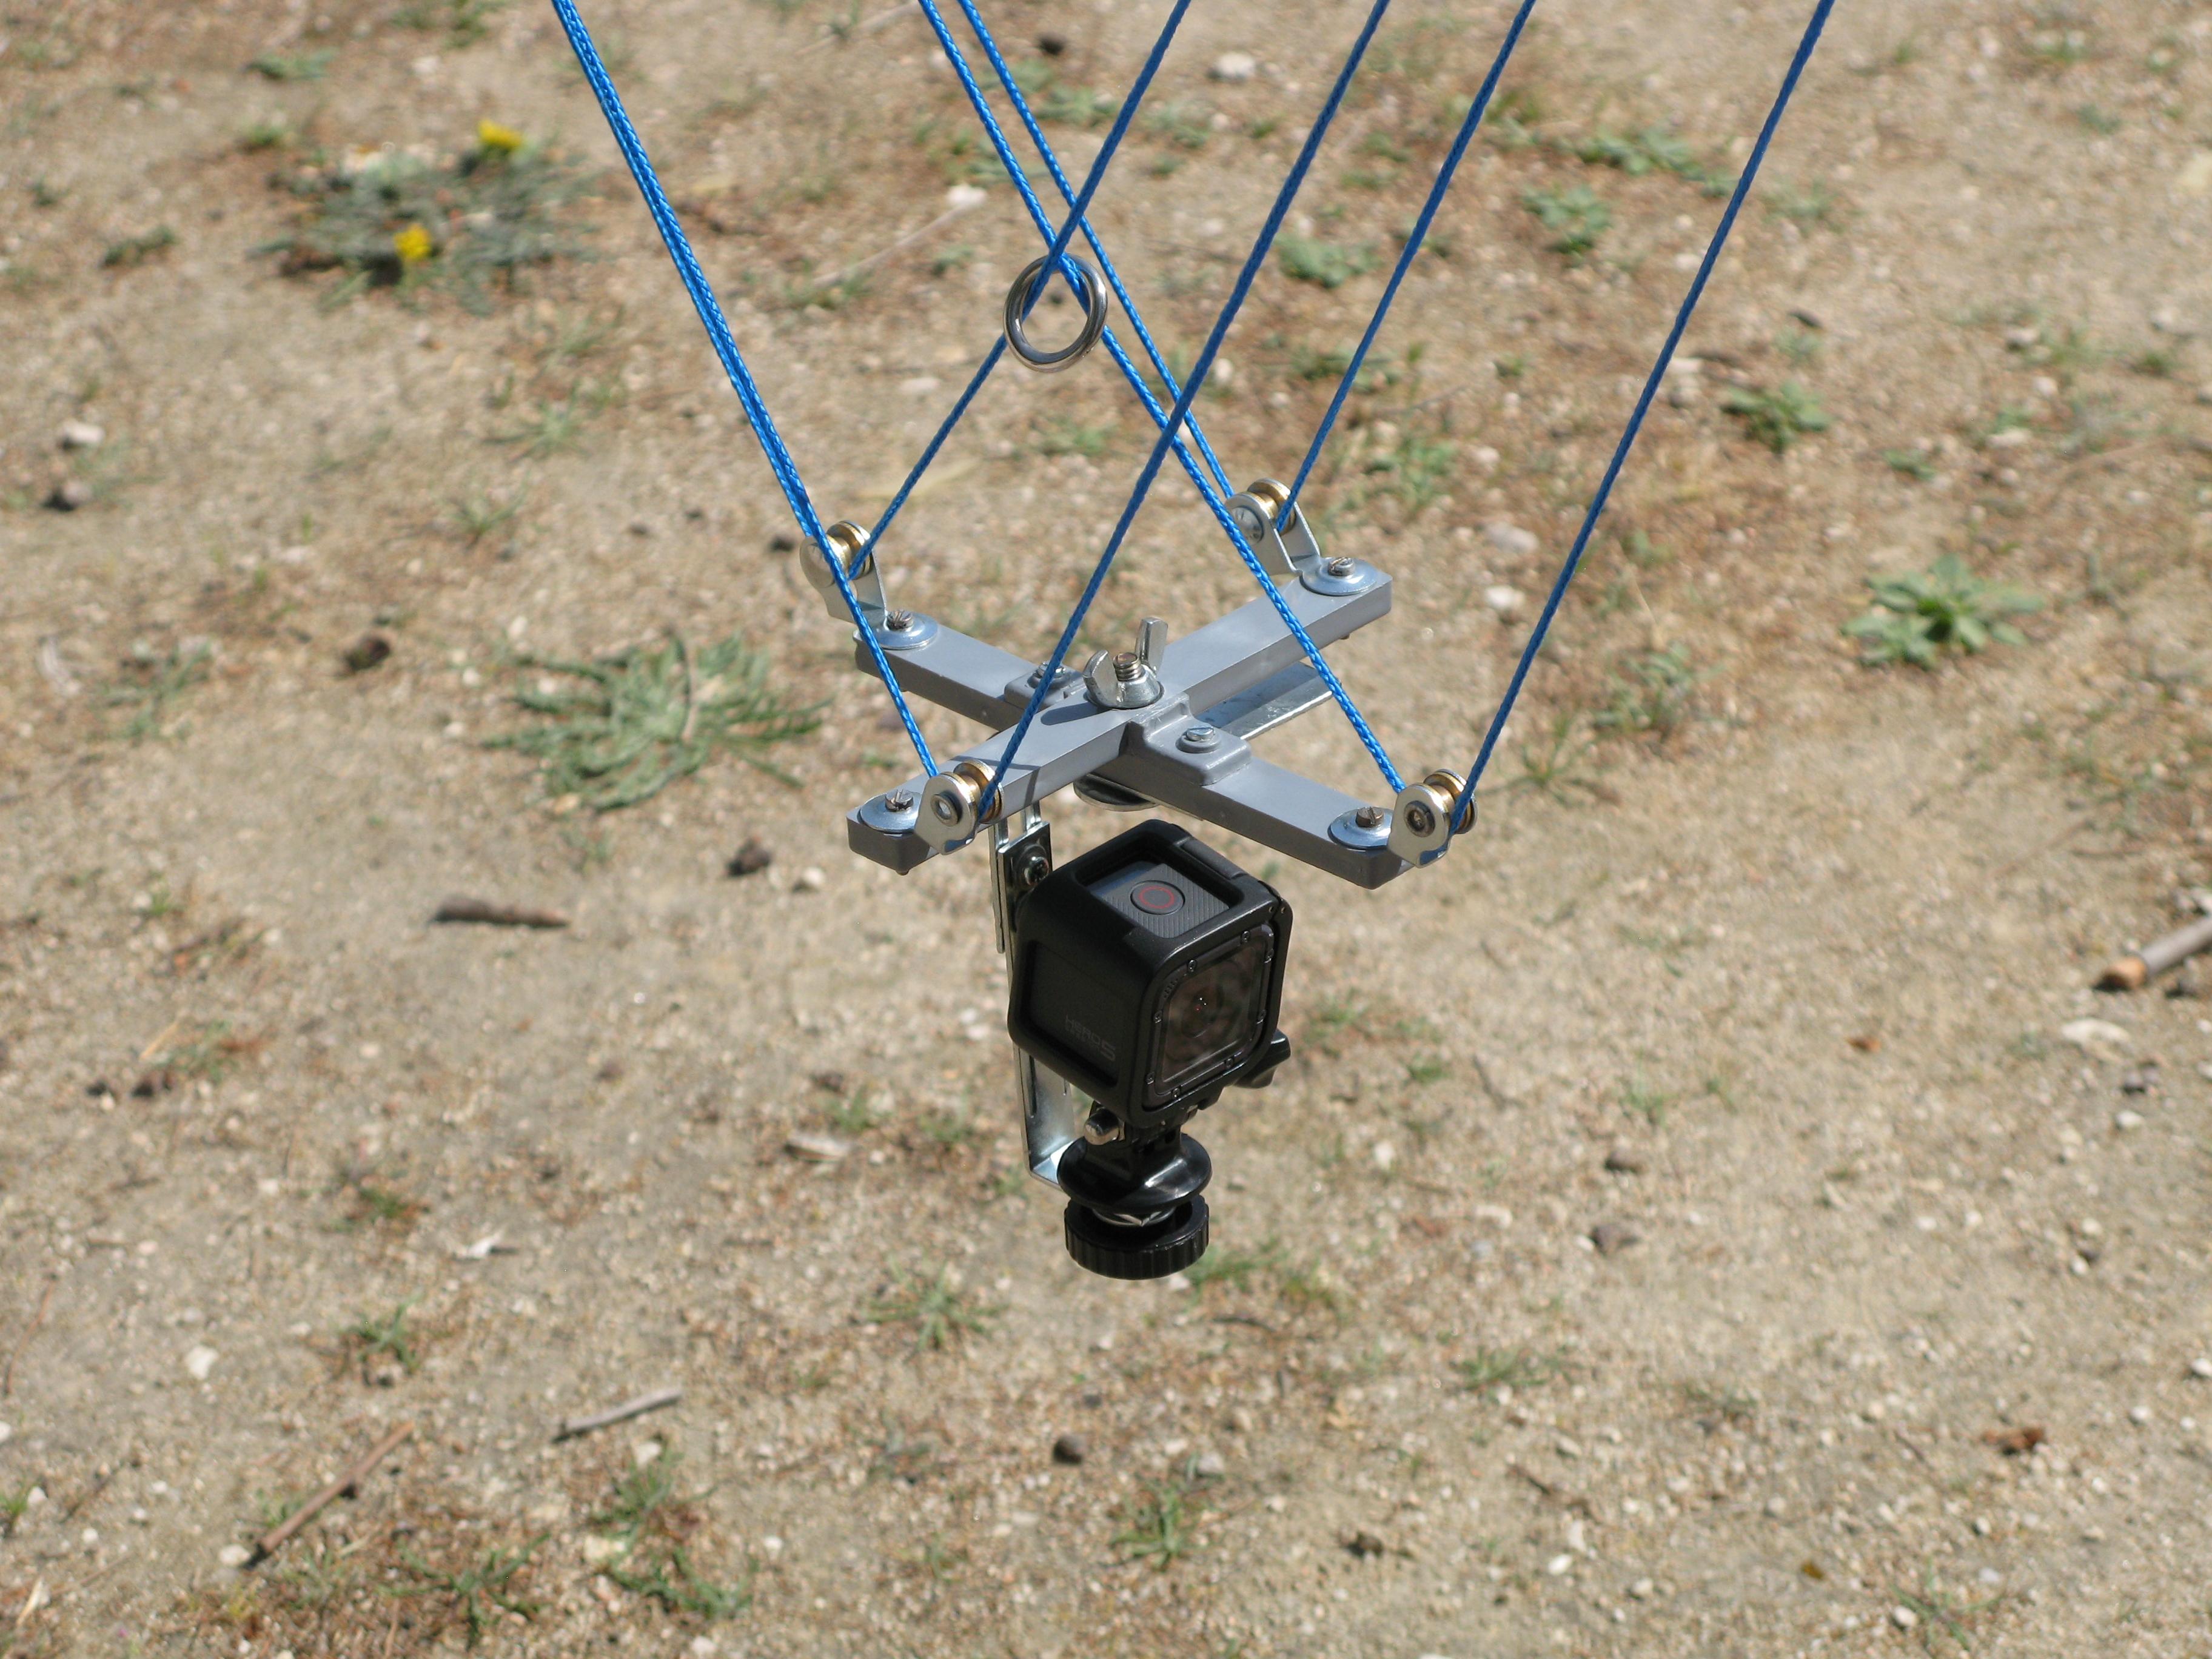 Sistema de suspensión Picavet con GoPro 5. Construido por Juan Antonio Muñoz López